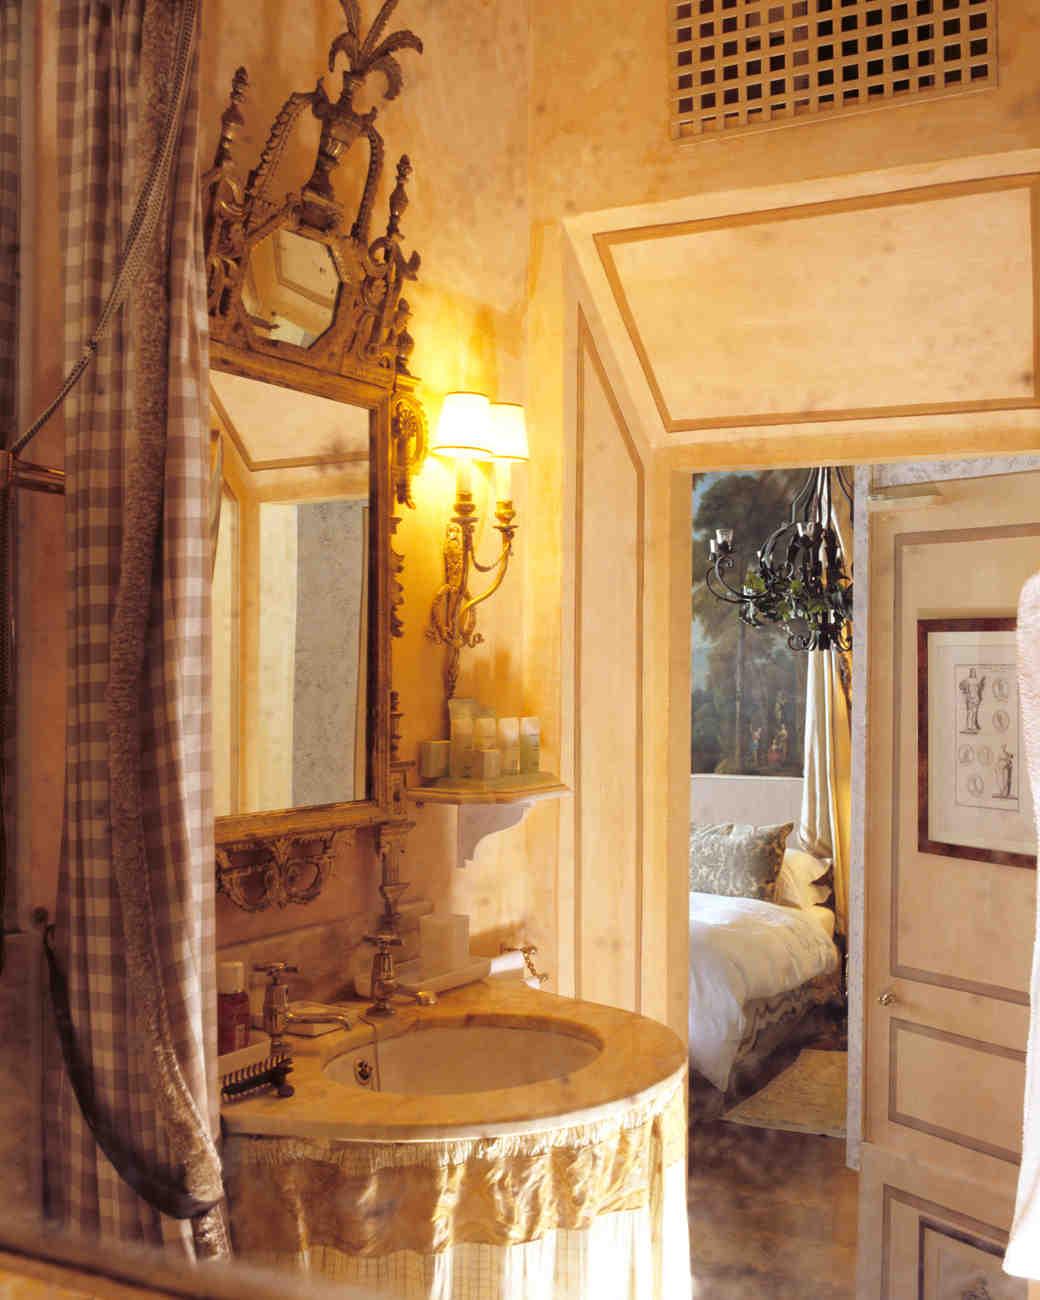 mr-mrs-smith-travel-hotels-wd0413-residenza-napoleone-1.jpg